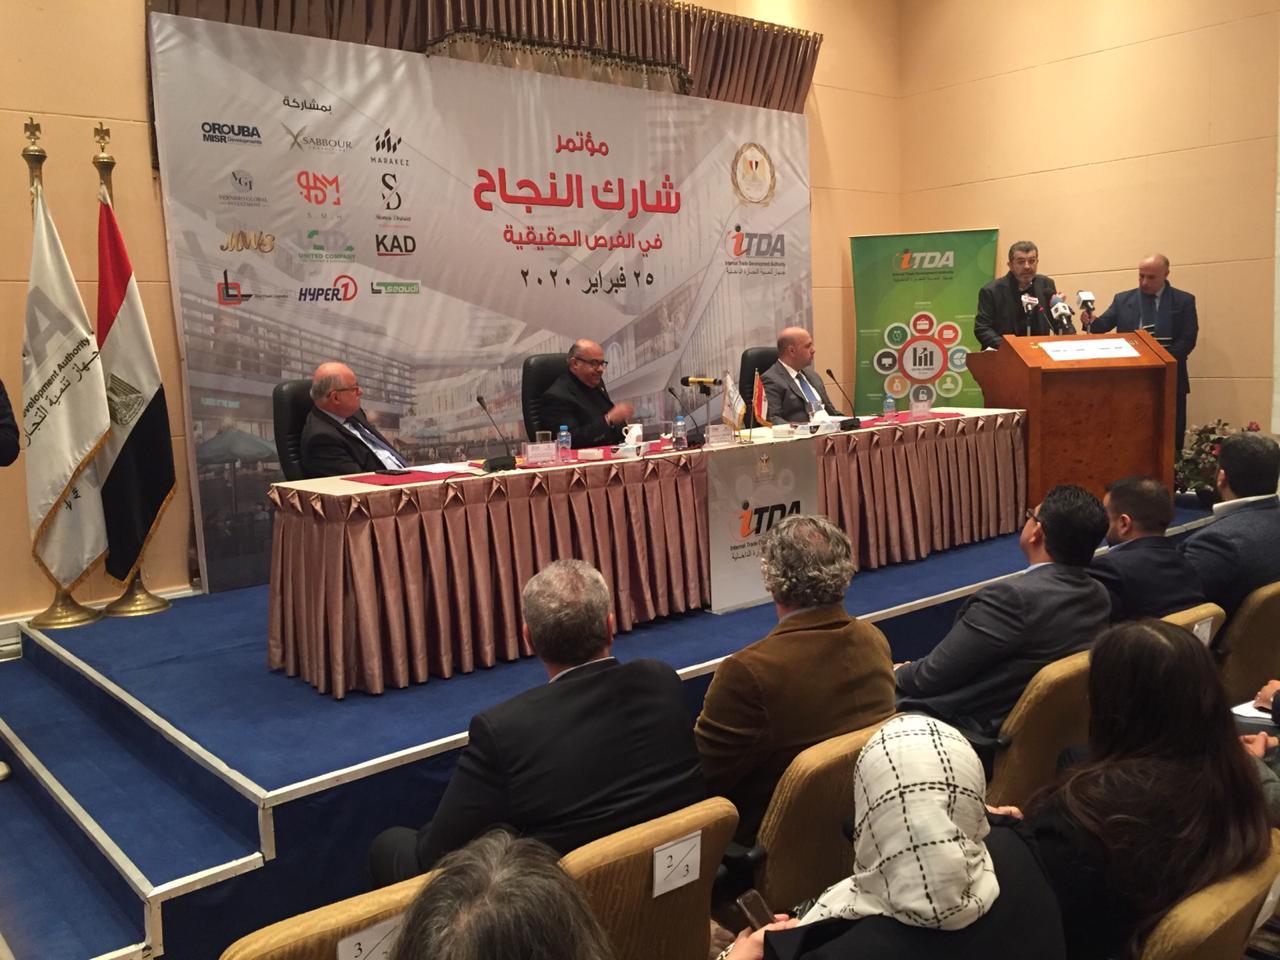 المؤتمر الصحفى لجهاز تنمية التجارة الداخلية بوزارة التموين  (3)